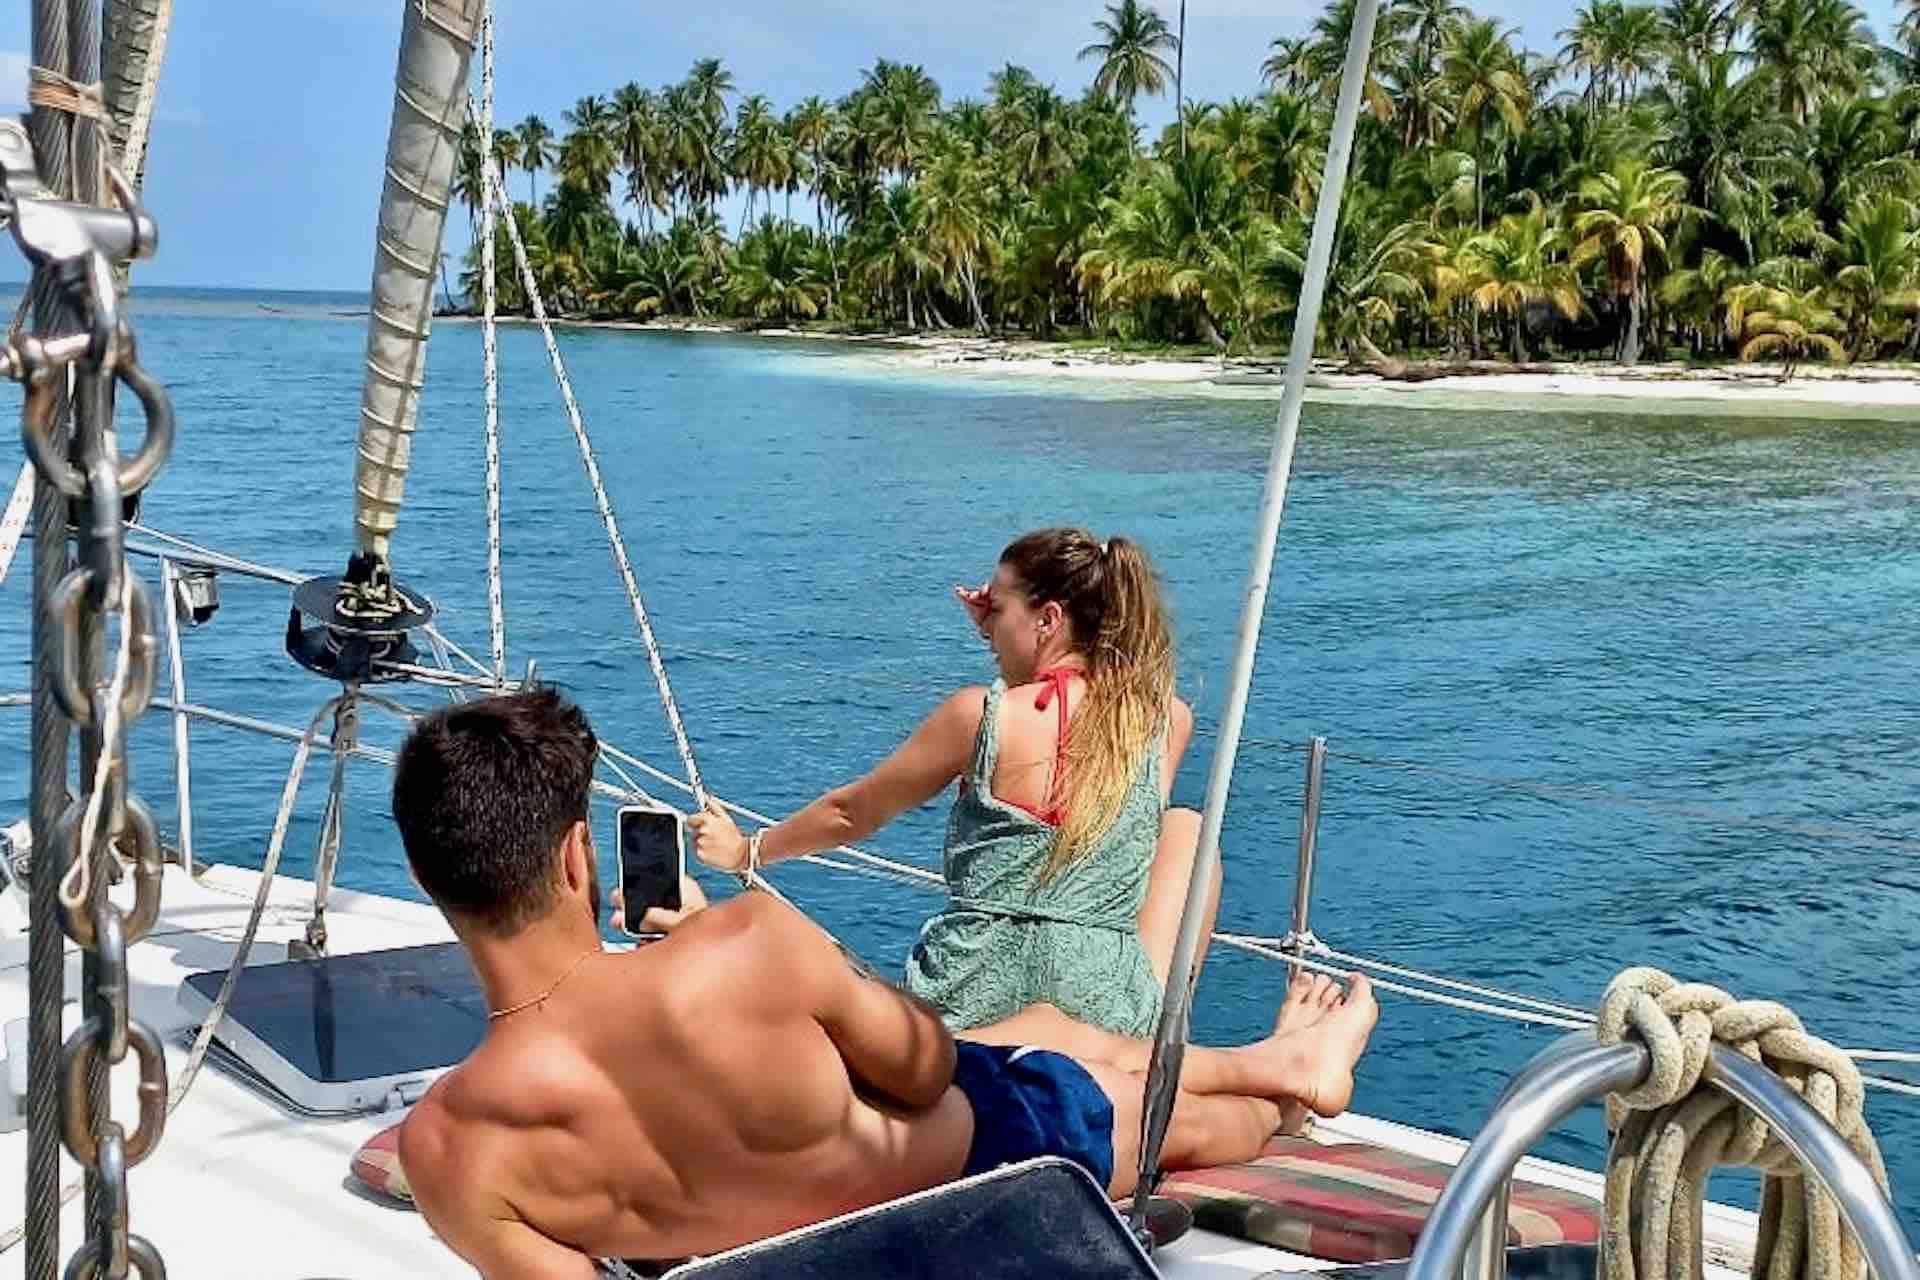 San Blas catamaran guests lounging